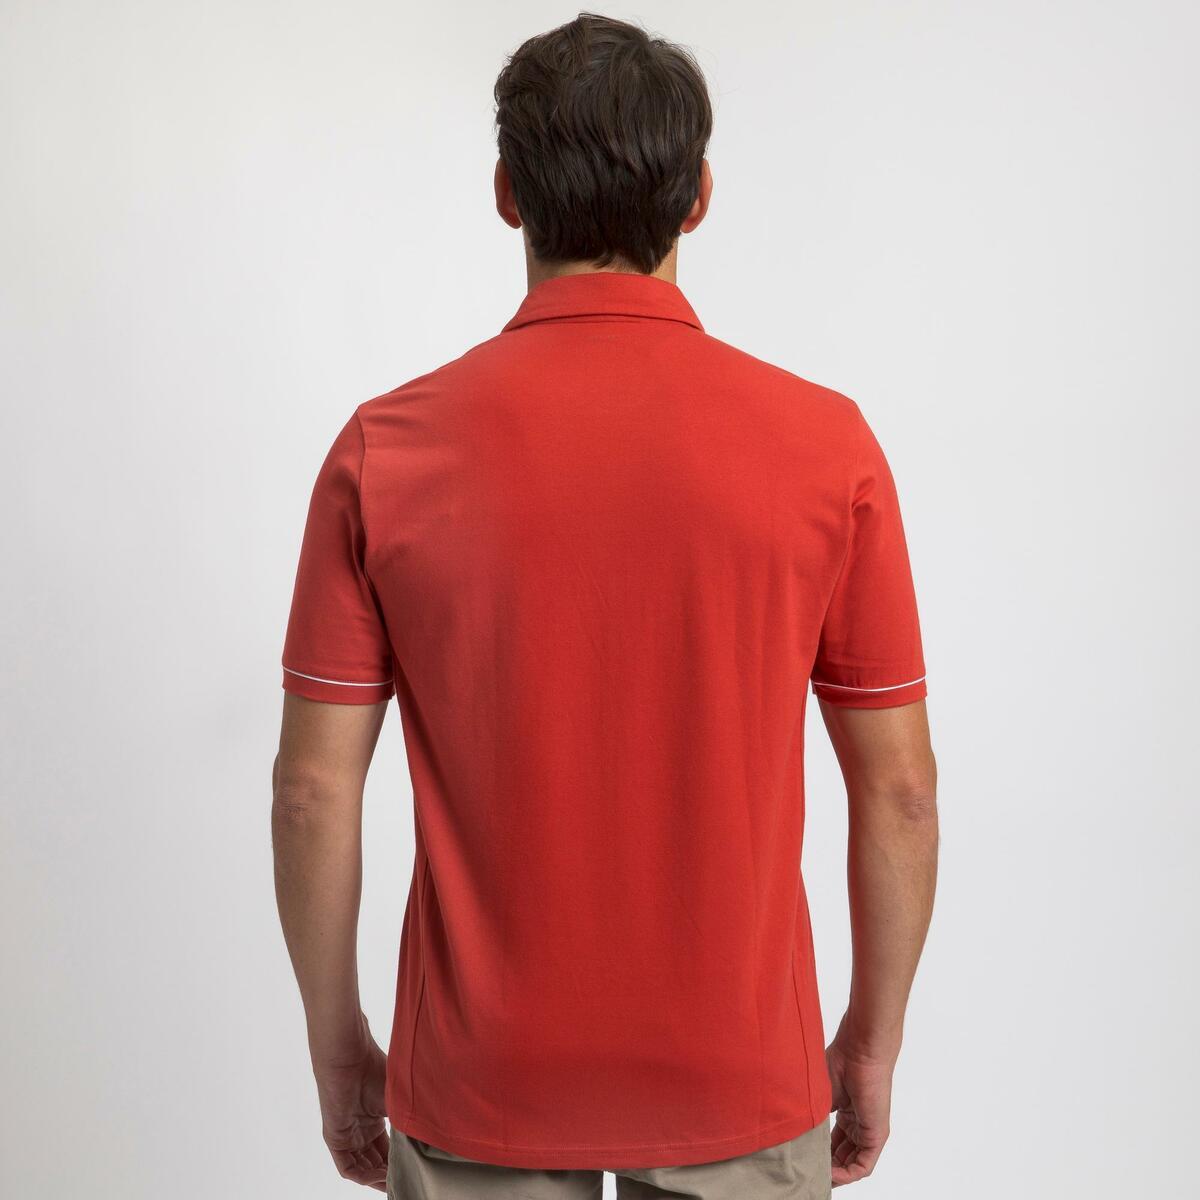 Bild 4 von Poloshirt Segeln kurzarm Sailing 100 Herren rot